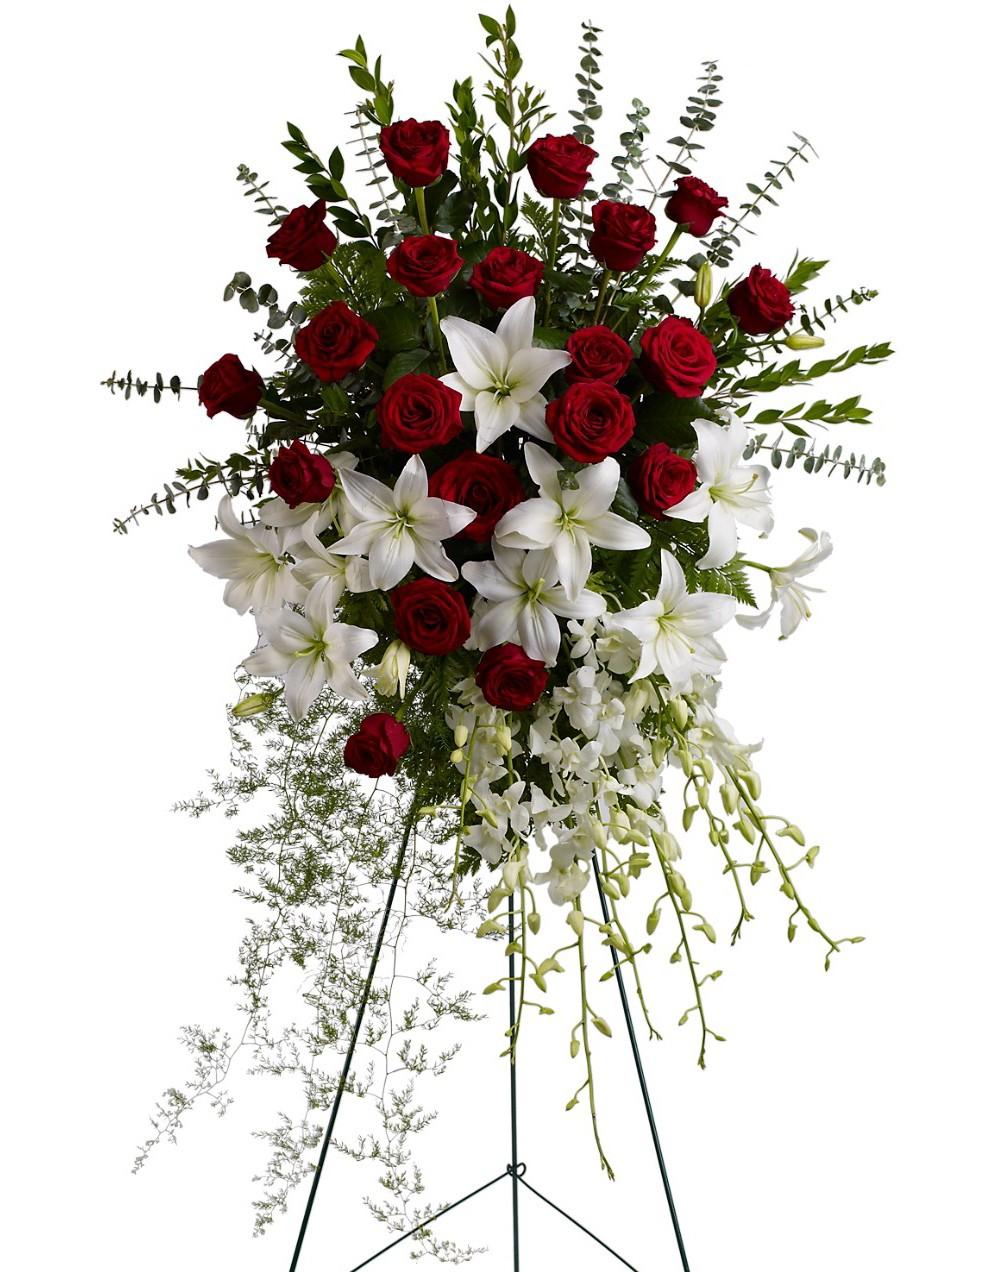 Cvijece_Oprema_Galerija